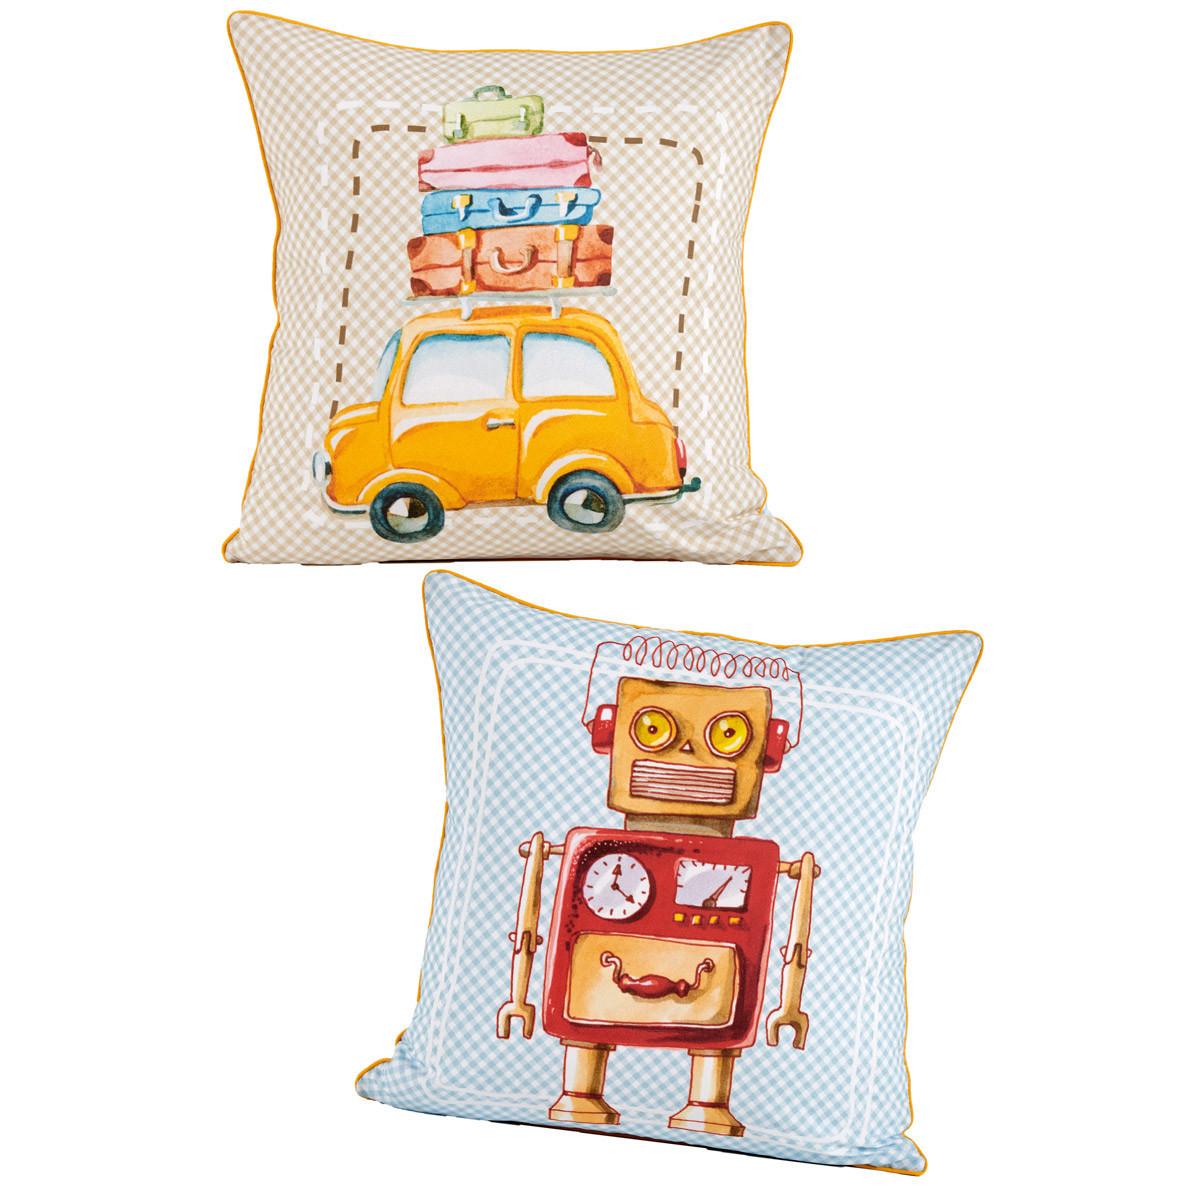 Διακοσμητική Μαξιλαροθήκη 2 Όψεων Kentia Kids Twister home   παιδικά   διακοσμητικά μαξιλάρια παιδικά